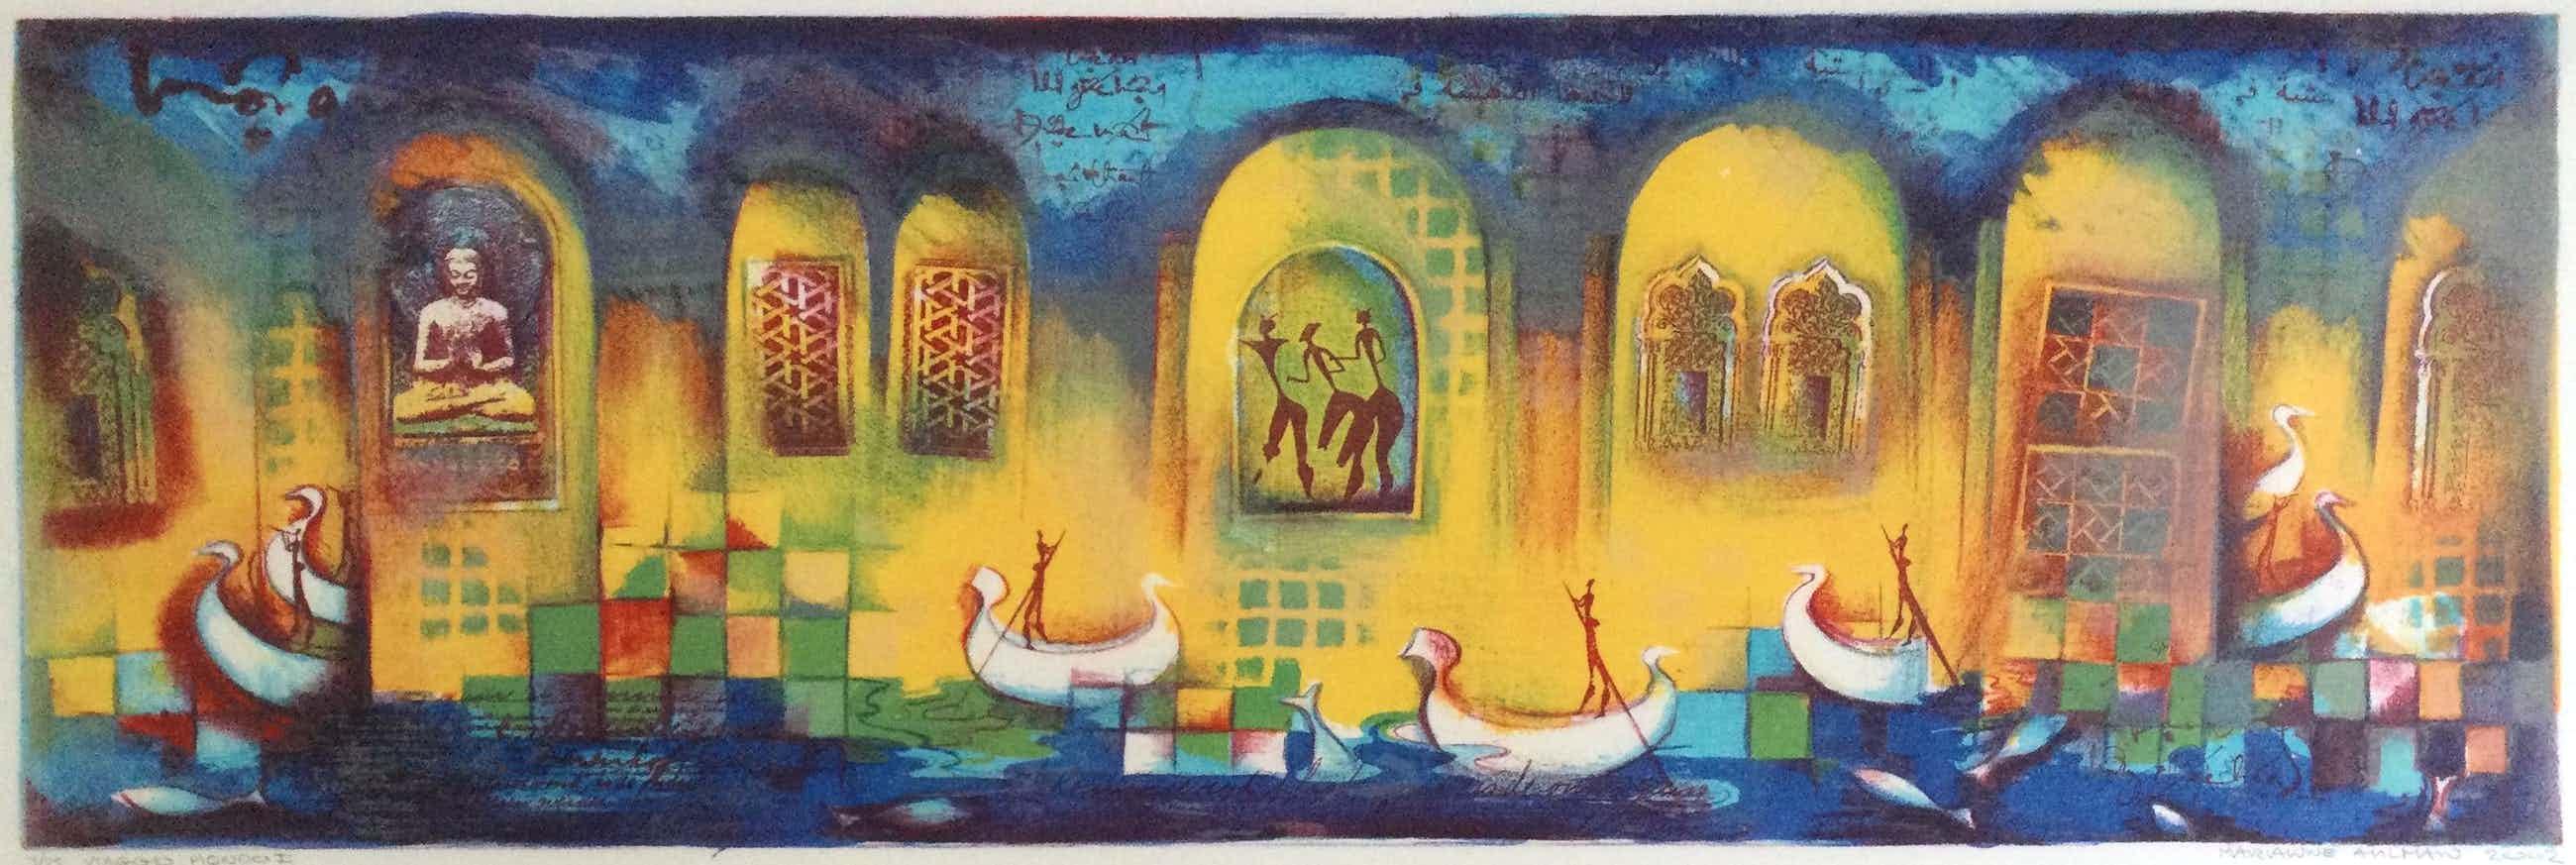 Marianne Aulman - Viaggio Mondo I   kleuren zeefdruk 4/25 - ingelijst kopen? Bied vanaf 60!